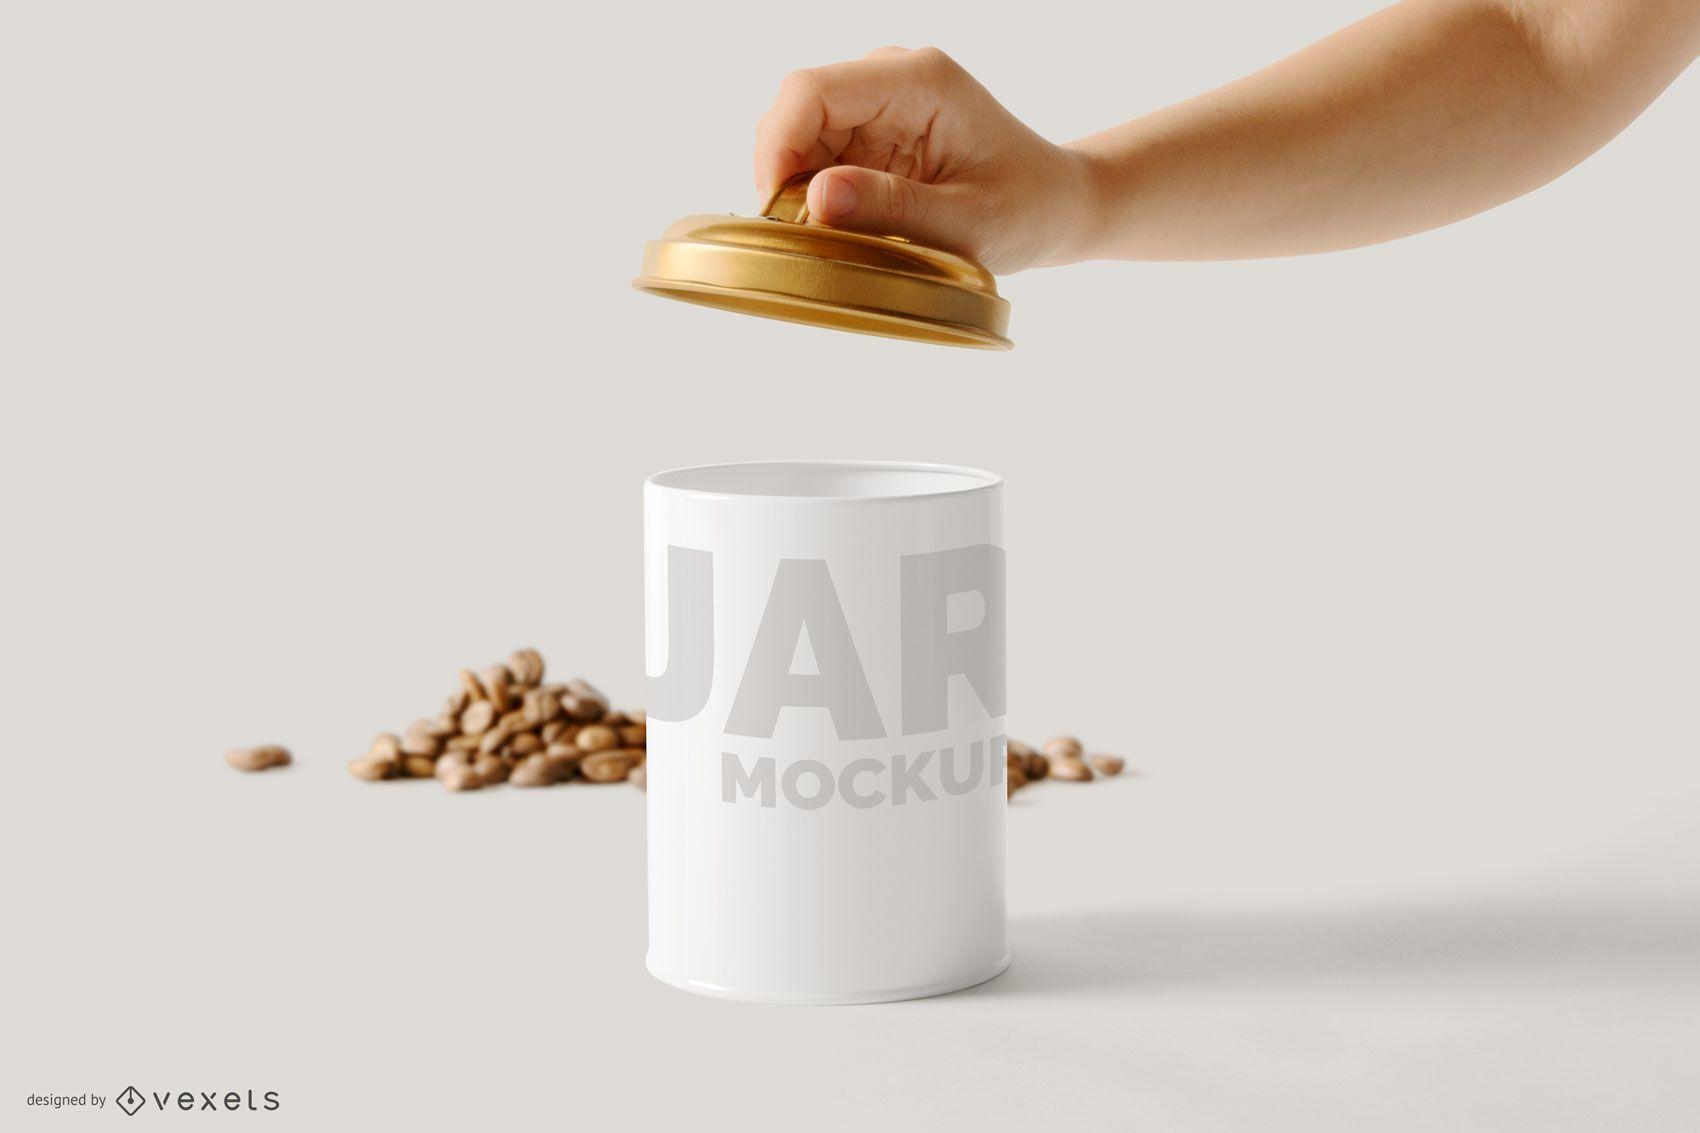 Jar Open Mockup Design